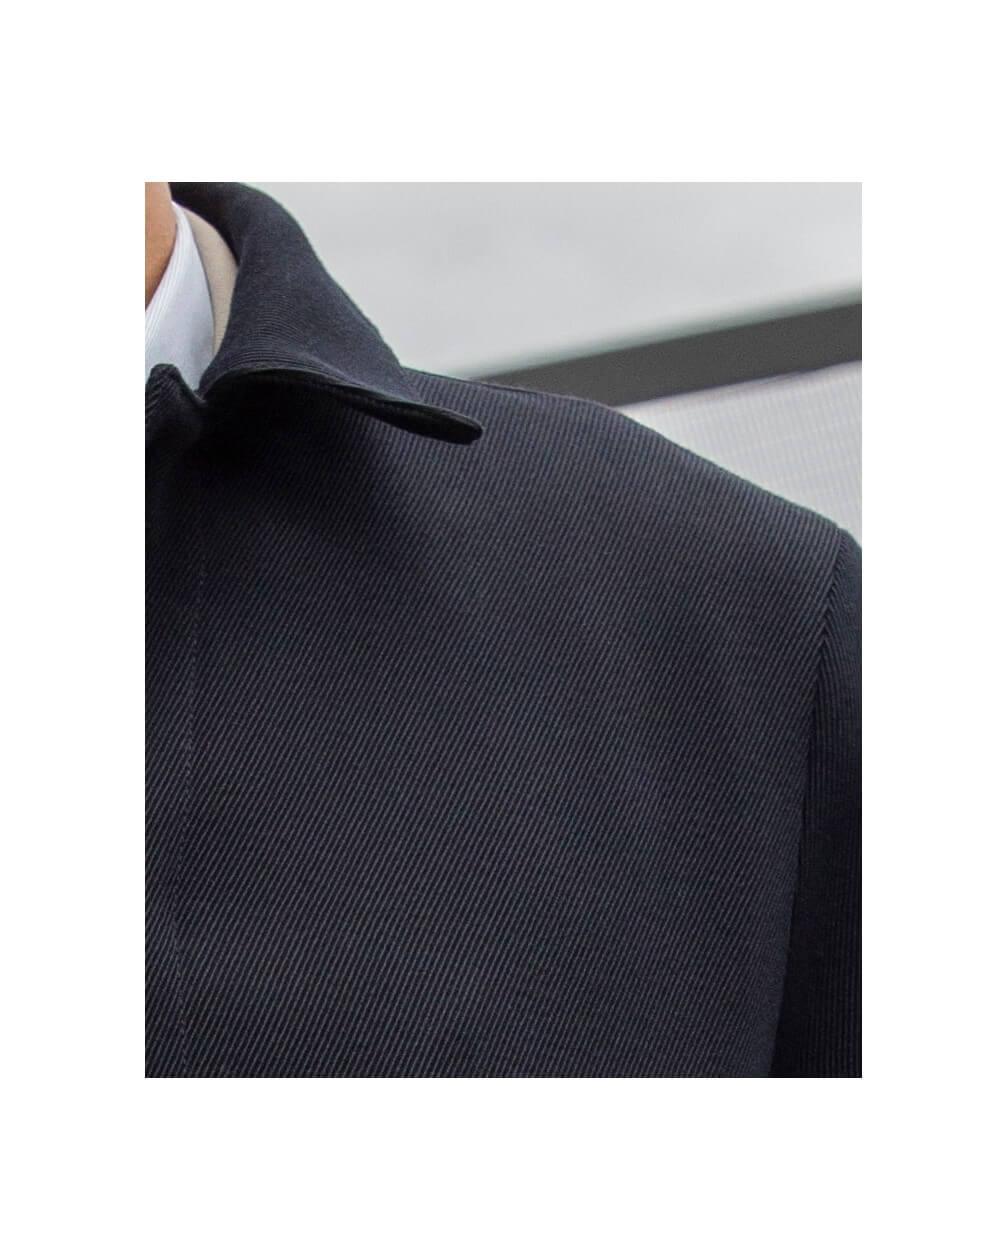 Mackintosh Sorbonne en laine déperlante Fitecom®